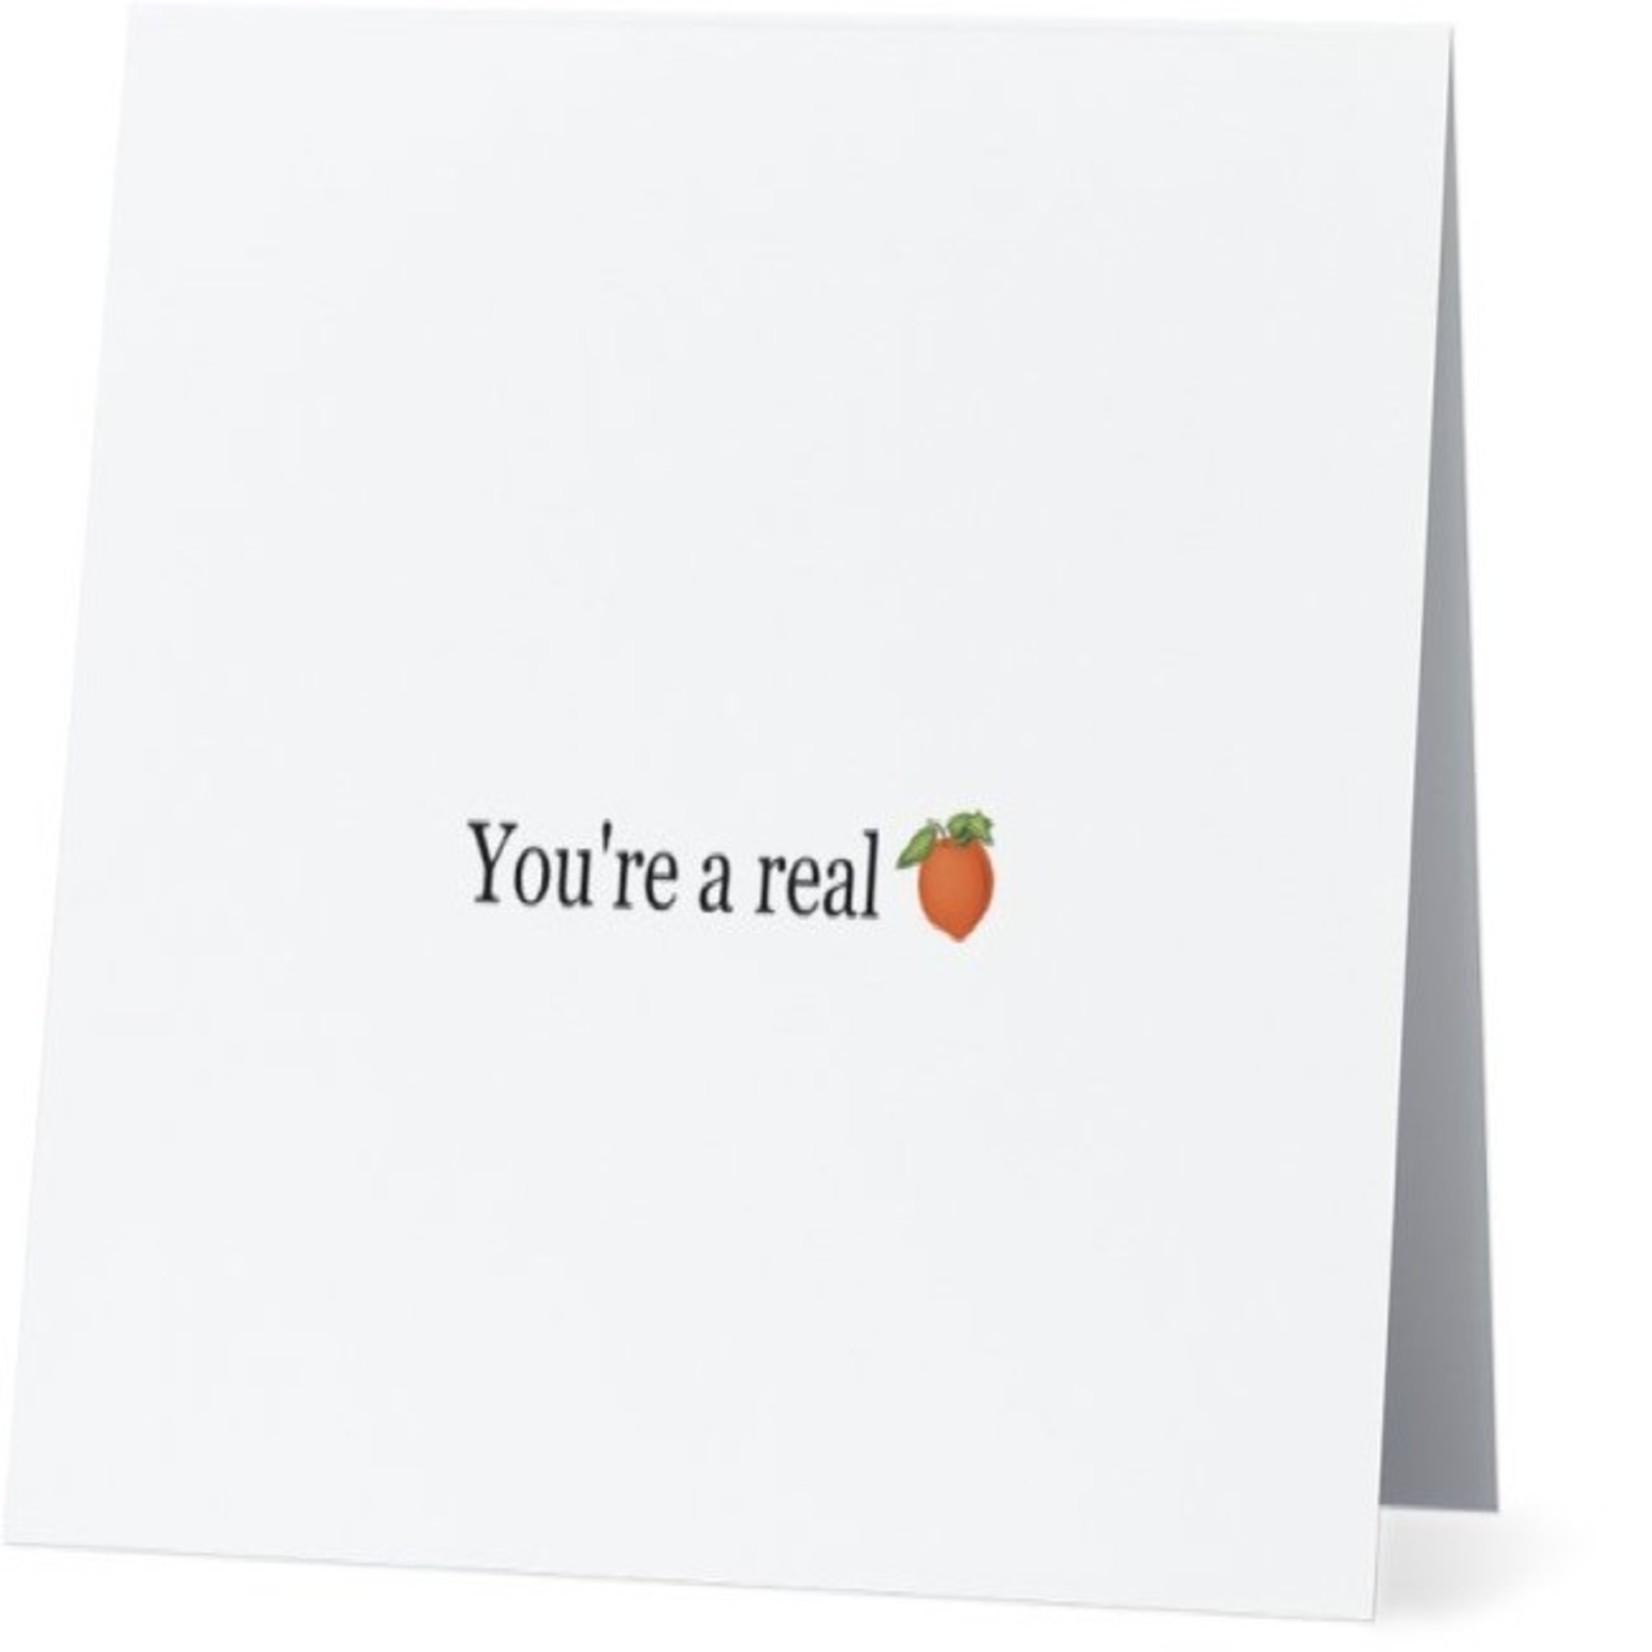 Bad Annie's Card #039 - You're A Peach